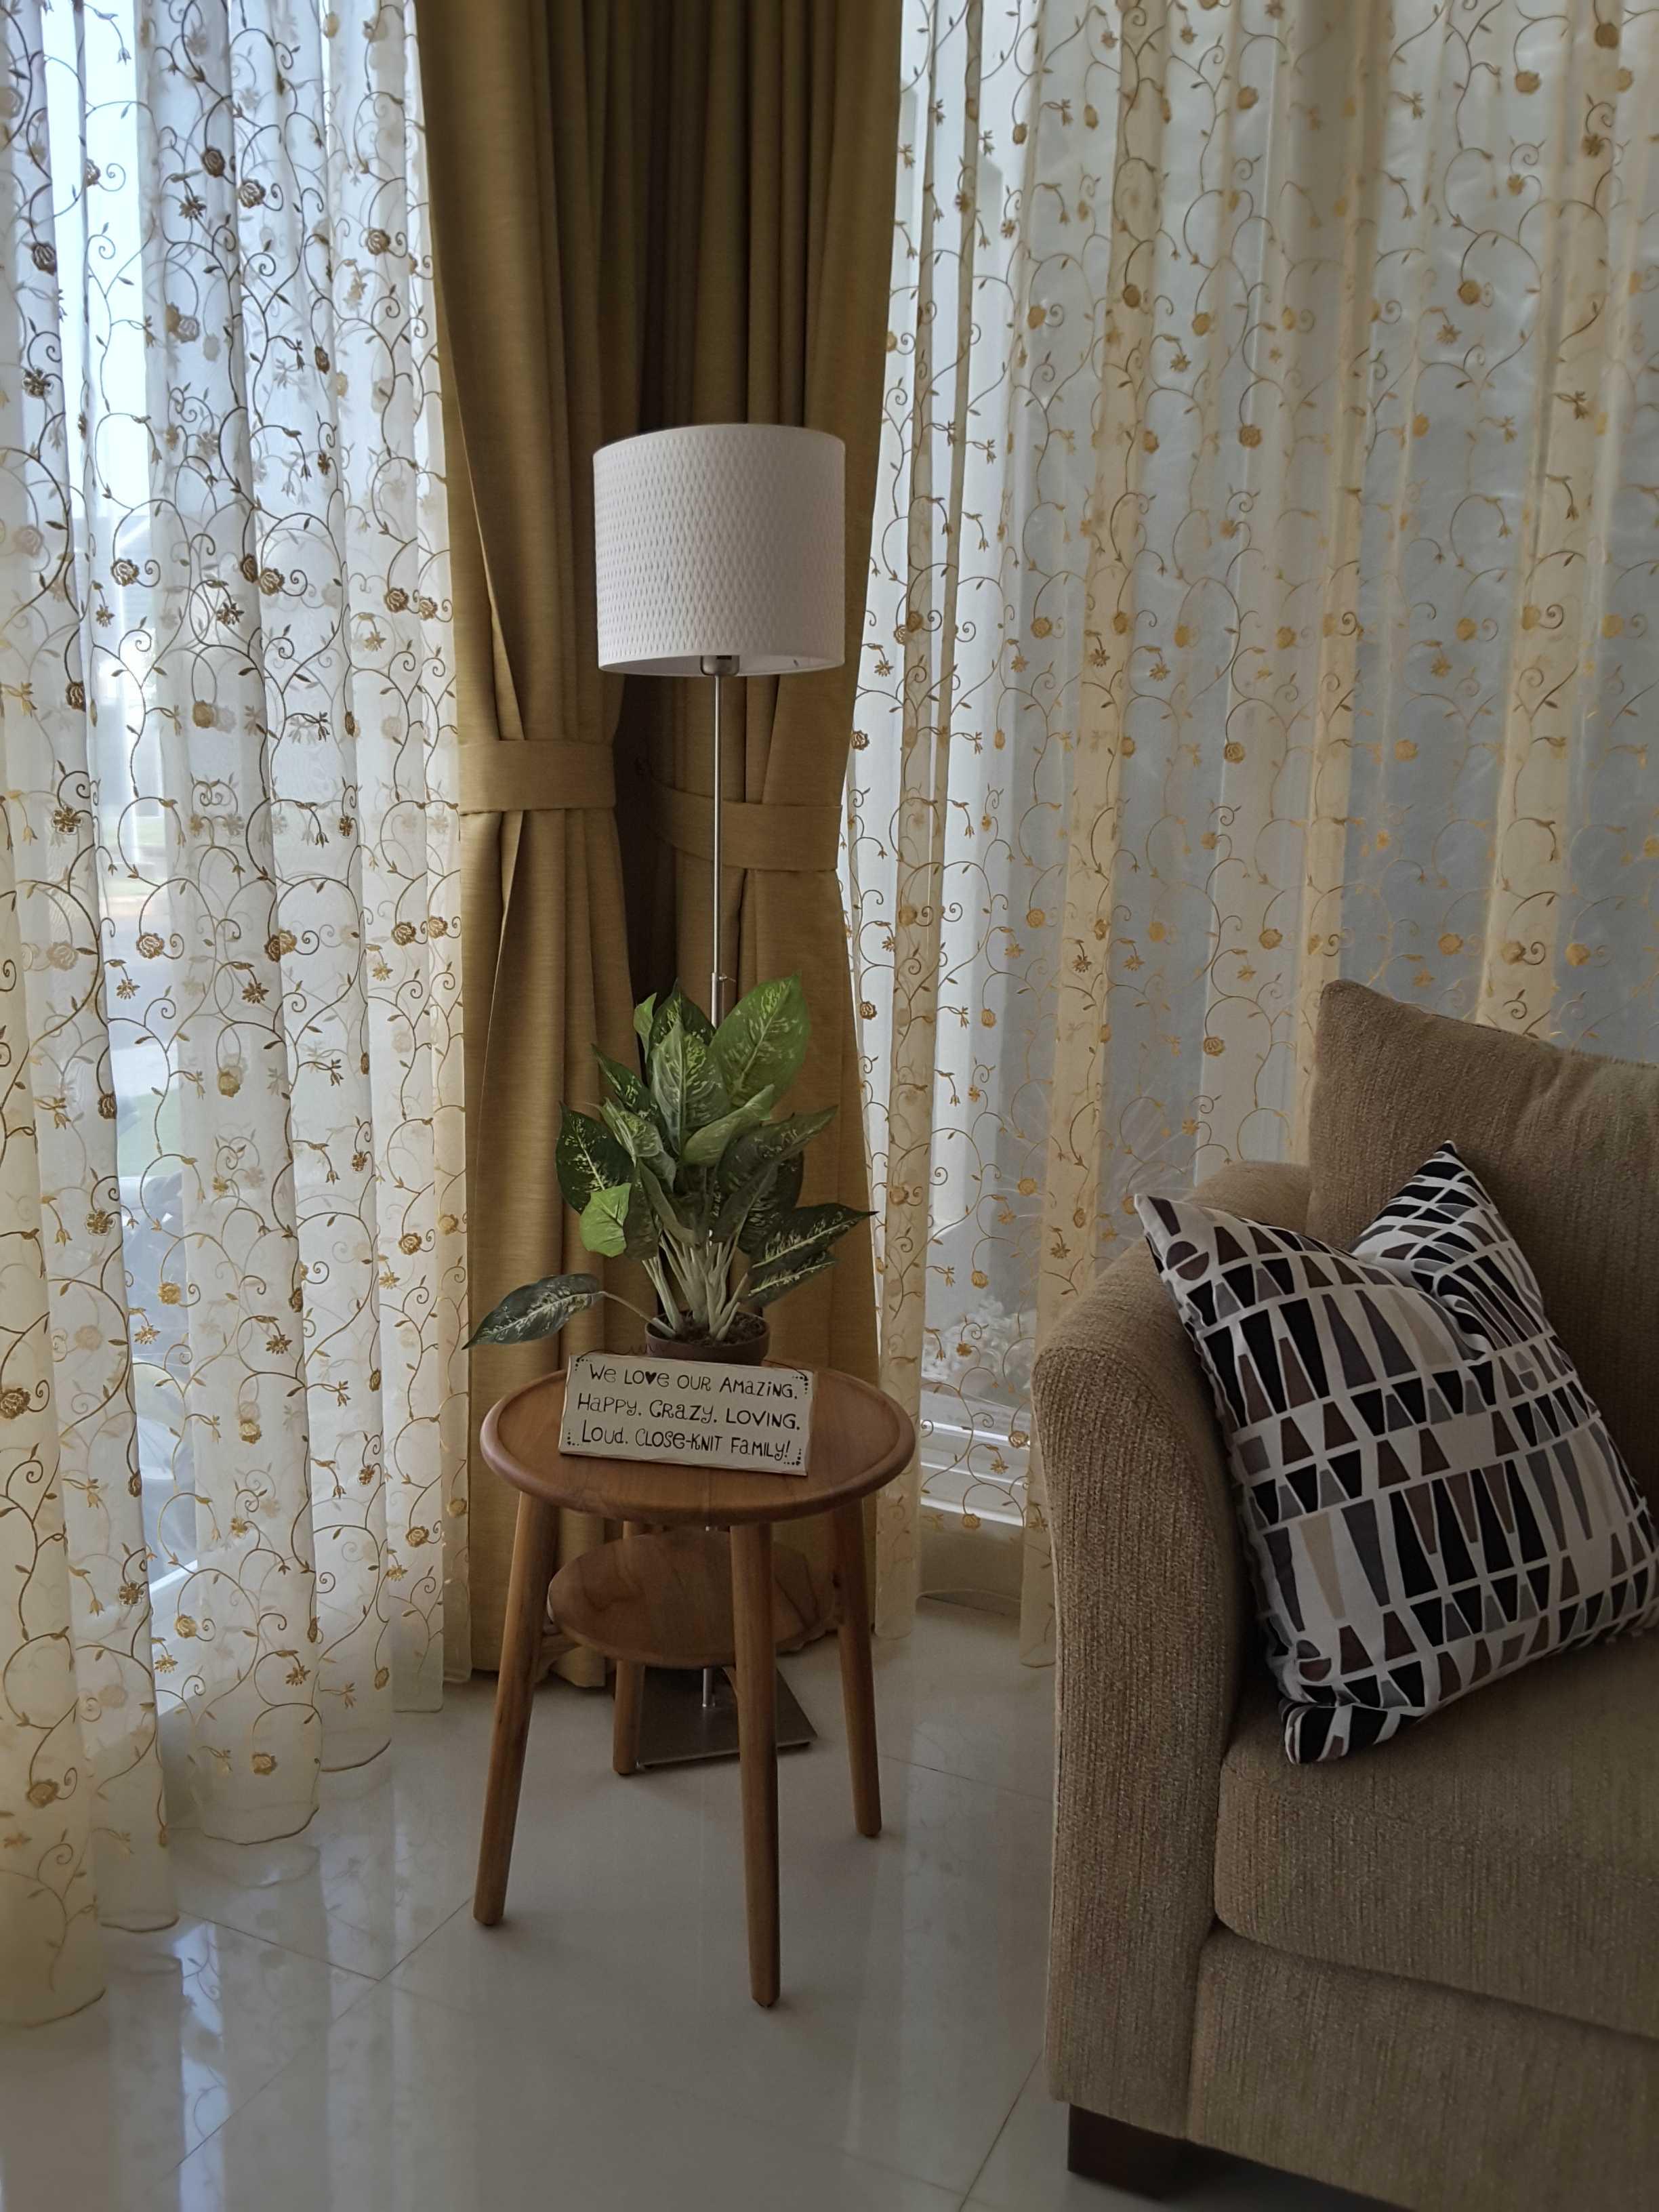 Vaastu Studio Monochrome Interior House At Tambun Bekasi Bekasi Interior - Guest Room   26504